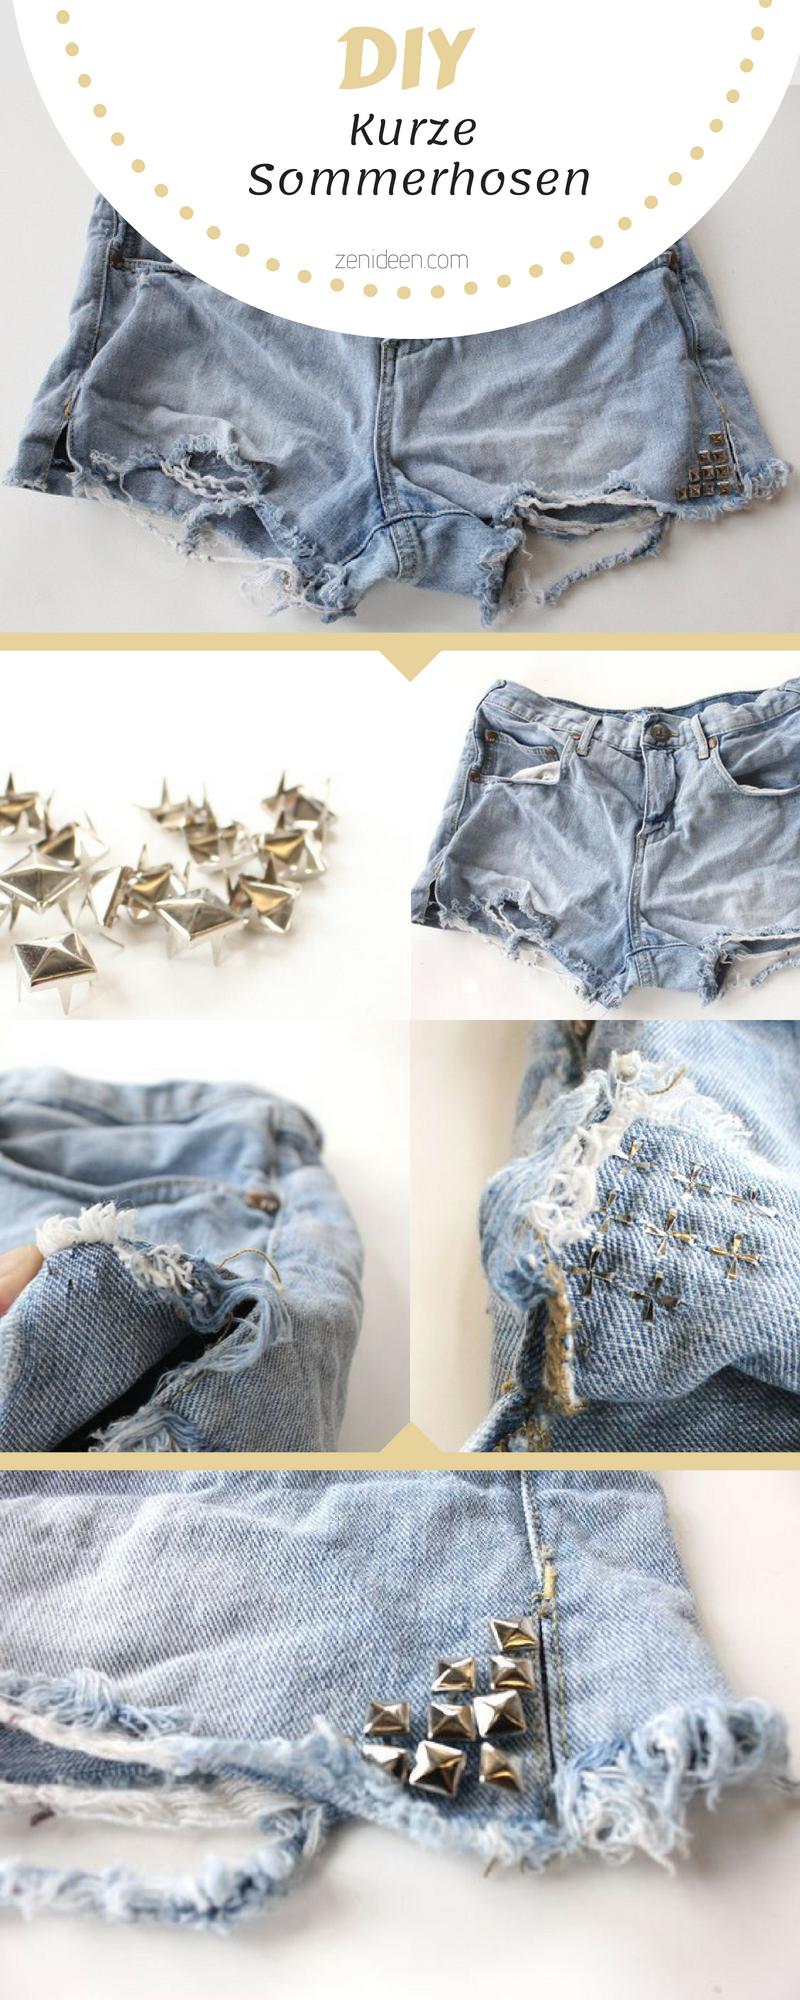 Ihre alte Strandhose Damen neu gestalten - Finden Sie hier tolle Anleitungen